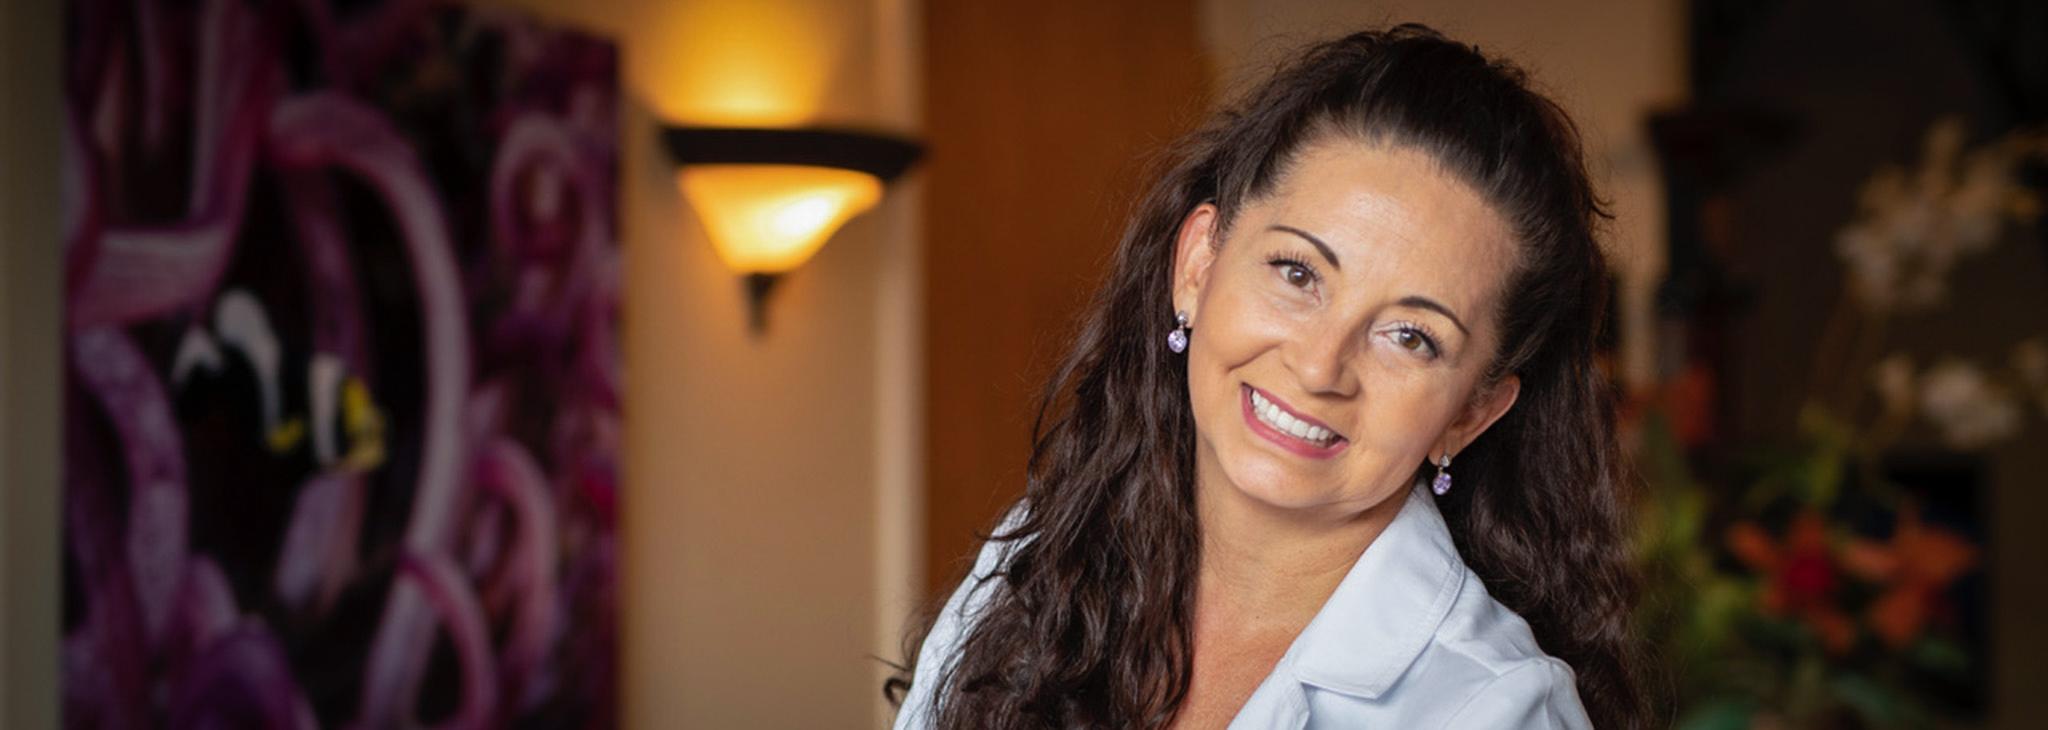 Meet Dr. Zarina Staller Page